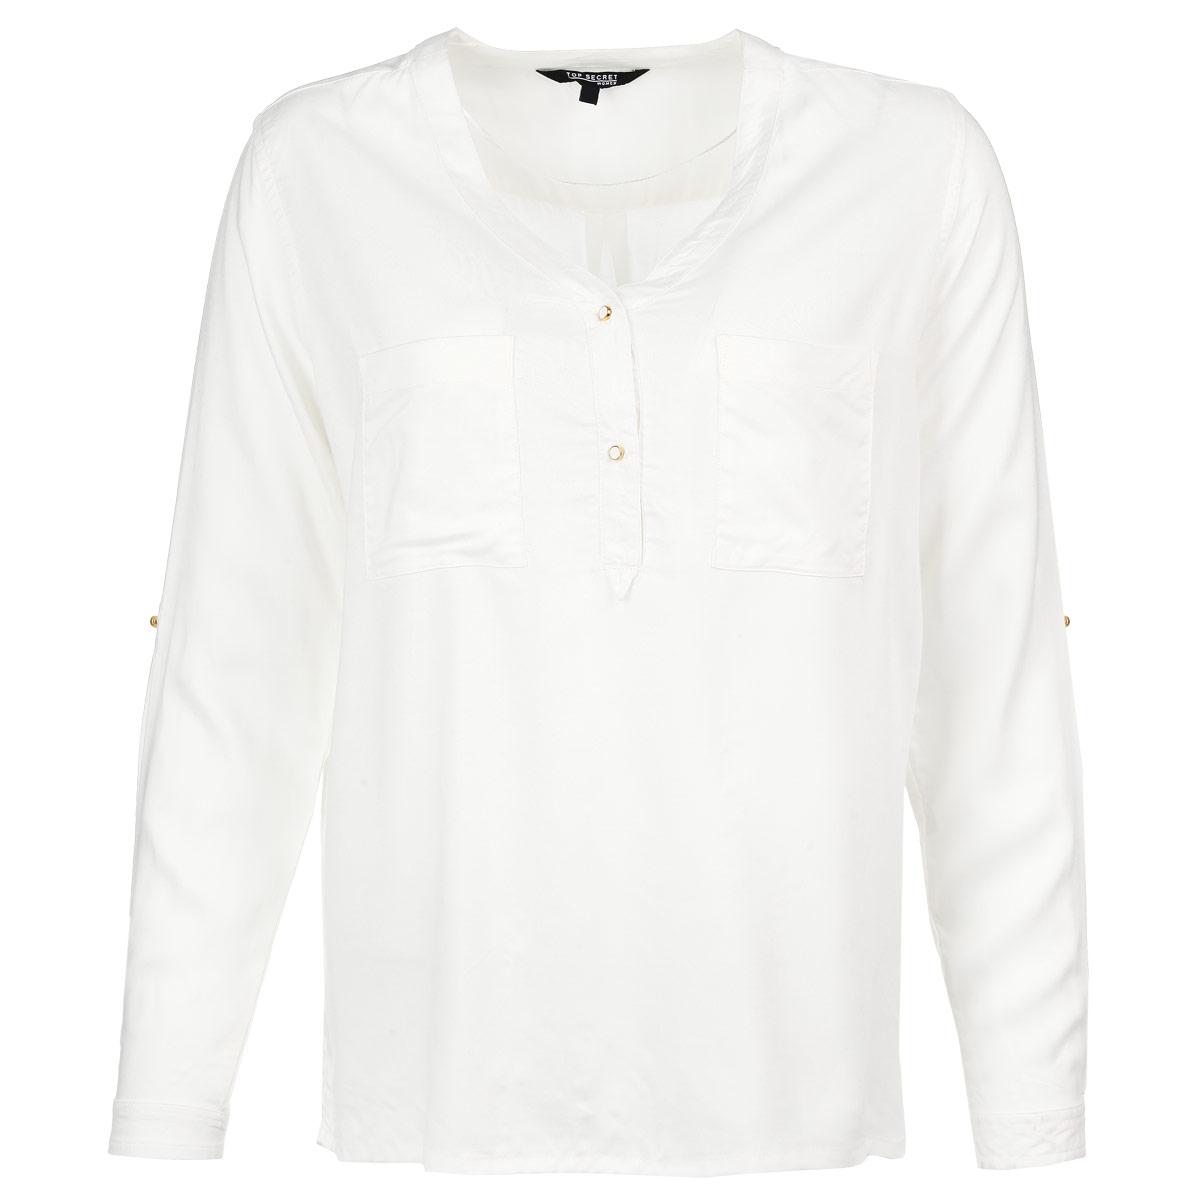 Блузка. SKL1740BISKL1740BIСтильная блузка Top Secret, выполненная из высококачественного материала, обладает высокой теплопроводностью, воздухопроницаемостью и гигроскопичностью, позволяет коже дышать, тем самым обеспечивая наибольший комфорт при носке. Блузка свободного кроя с длинными рукавами и V-образным вырезом горловины застегивается на две пуговицы на груди. Манжеты также застегиваются на пуговицы. Модель дополнена двумя нагрудными карманами и небольшими боковыми разрезами. При желании рукава можно подвернуть до локтя и зафиксировать хлястиком на пуговицу. Такая блузка будет дарить вам комфорт в течение всего дня и послужит замечательным дополнением к вашему гардеробу.